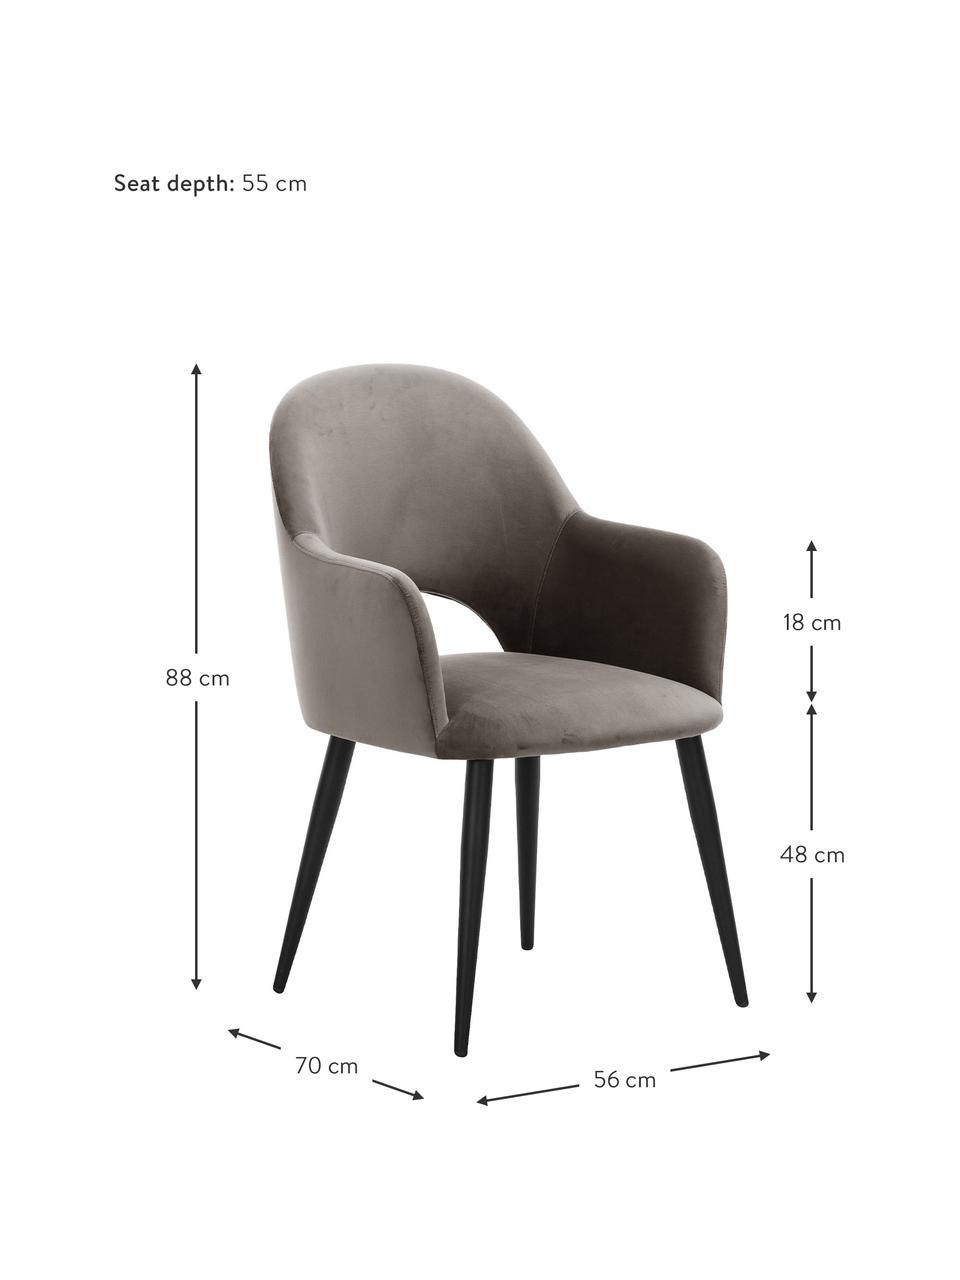 Krzesło z podłokietnikami z aksamitu Rachel, Tapicerka: aksamit (poliester) Dzięk, Nogi: metal malowany proszkowo, Beżowy, S 56 x G 70 cm